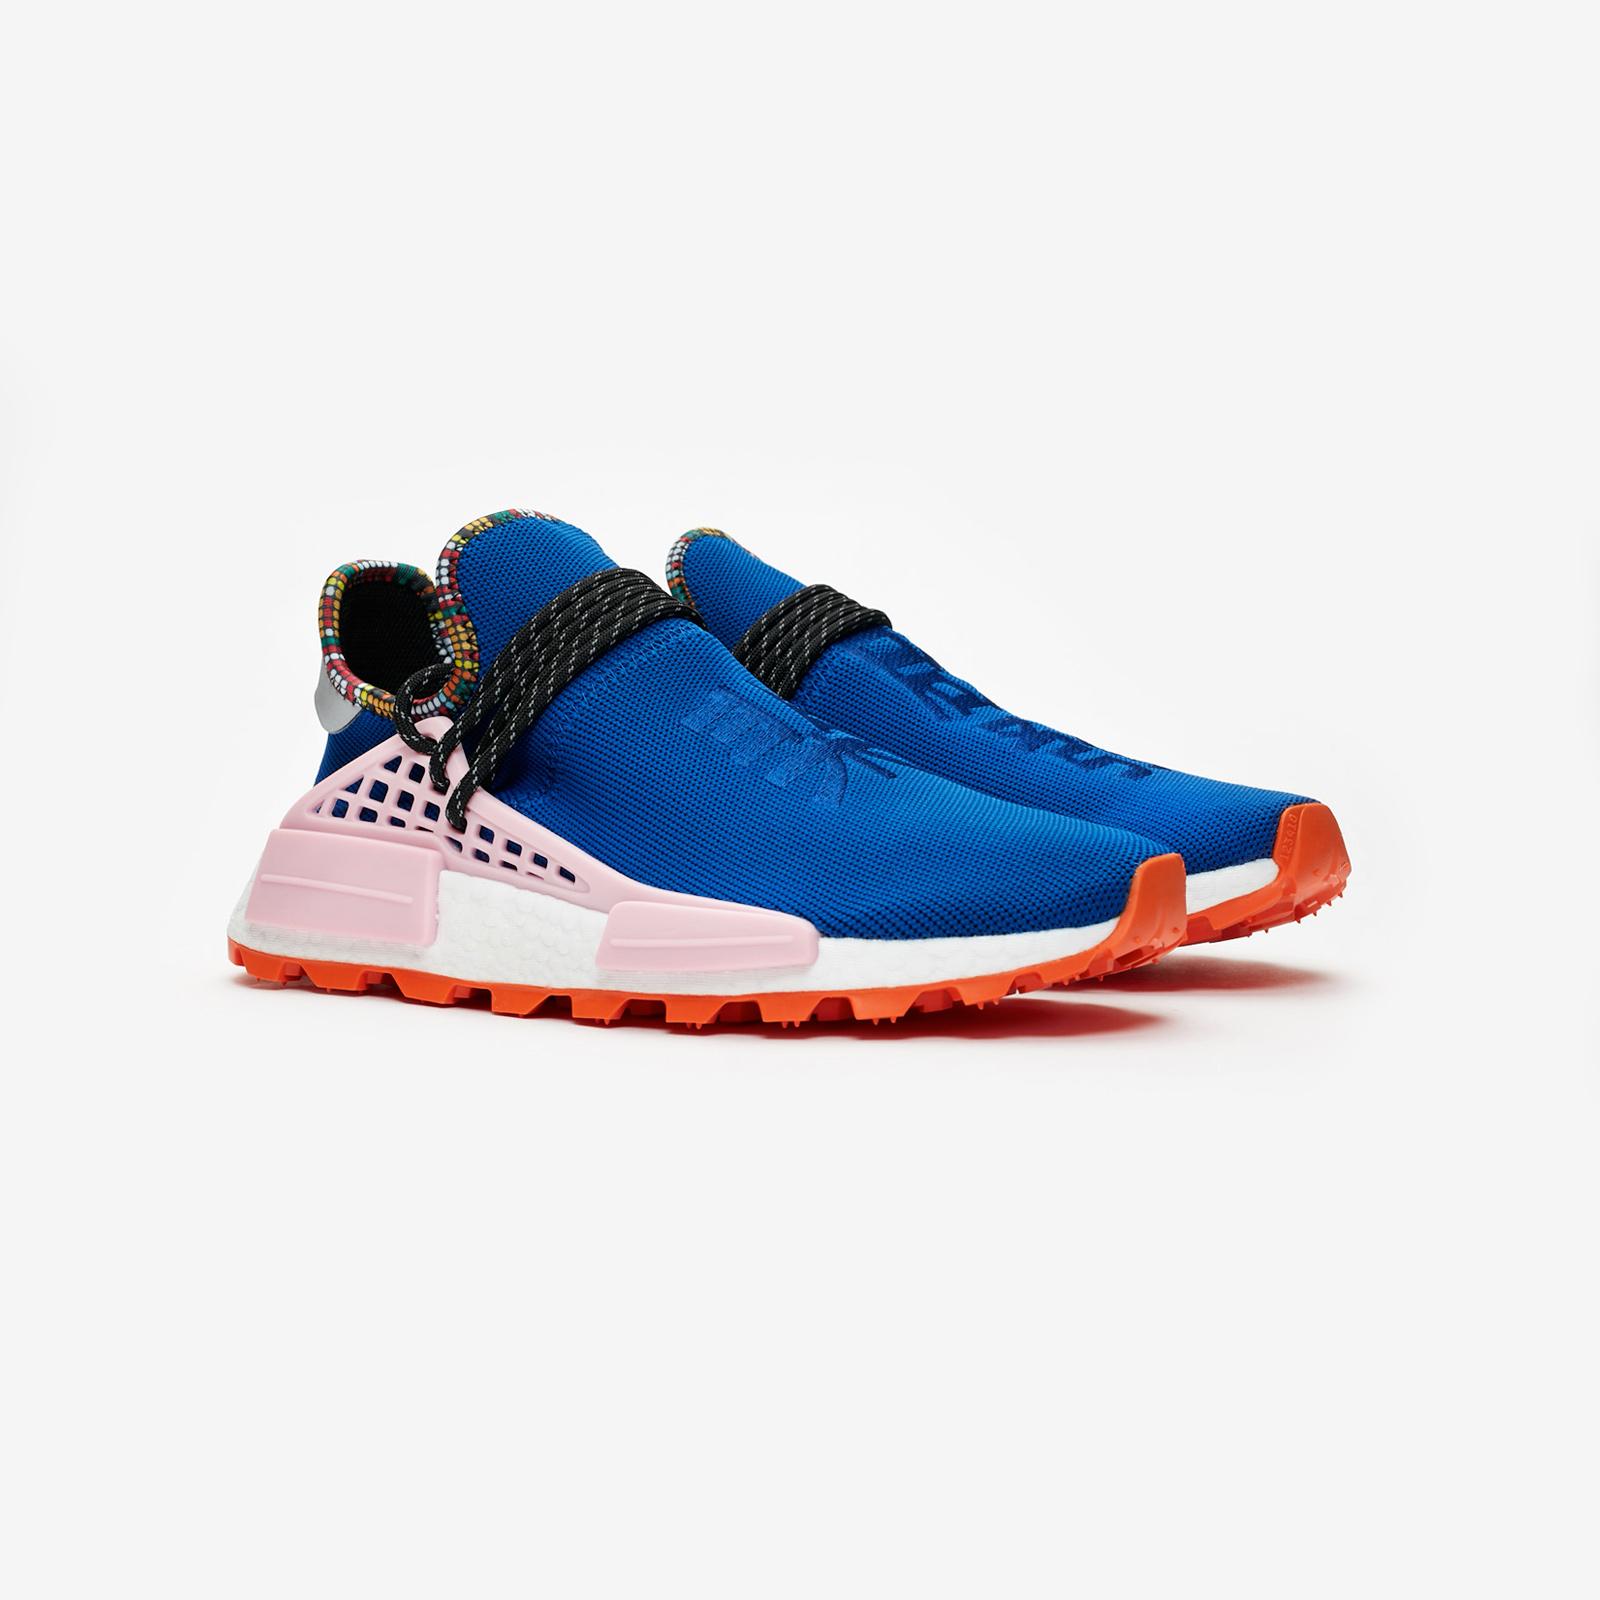 reputable site 1357d 21a8b adidas PW HU NMD - Ee7579 - Sneakersnstuff | sneakers ...